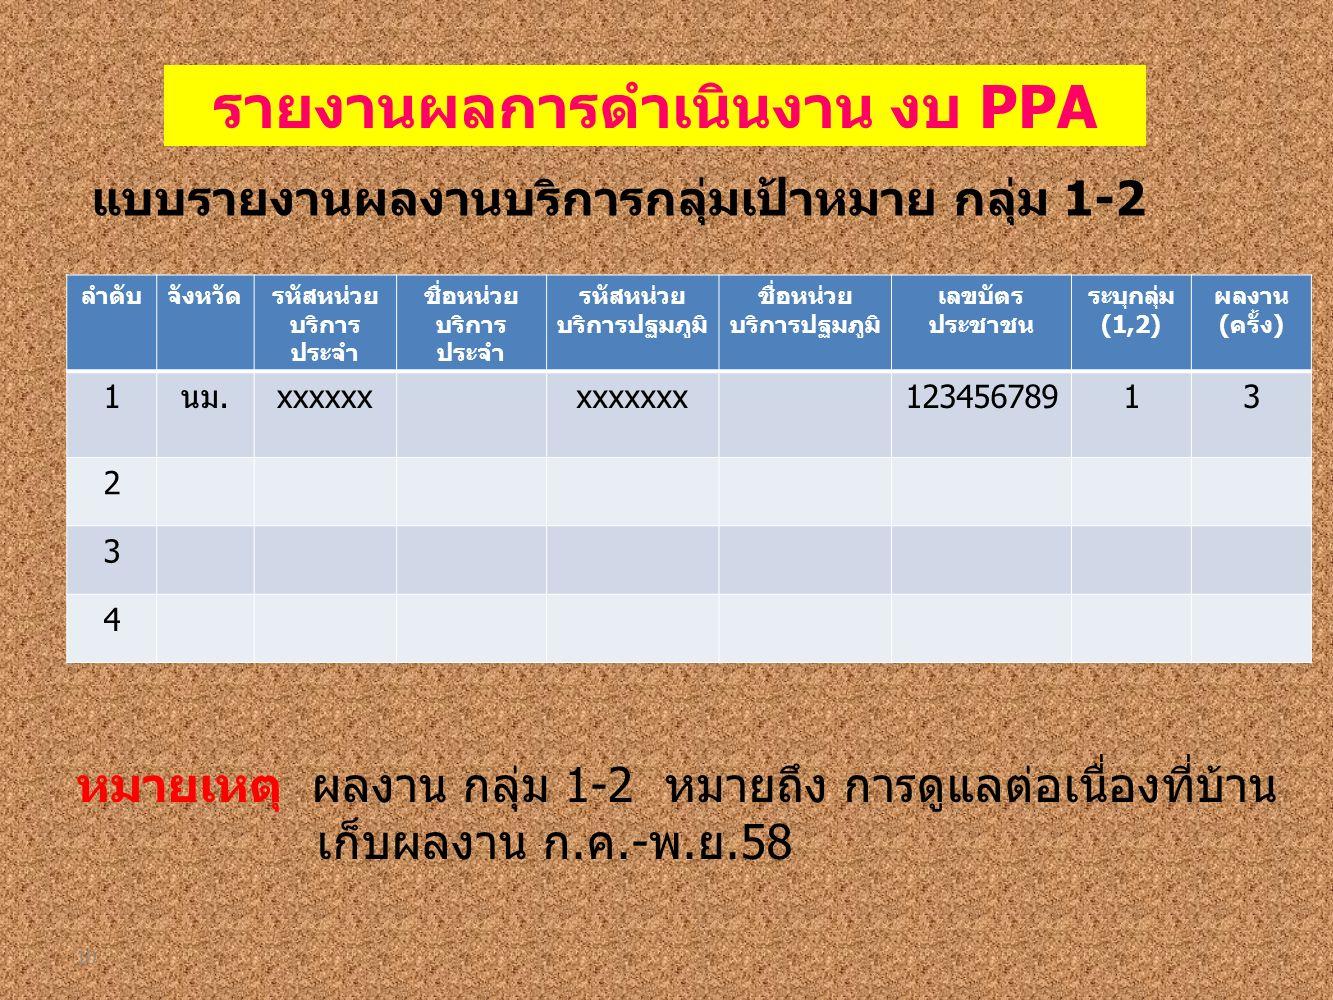 10 ลำดับจังหวัดรหัสหน่วย บริการ ประจำ ชื่อหน่วย บริการ ประจำ รหัสหน่วย บริการปฐมภูมิ ชื่อหน่วย บริการปฐมภูมิ เลขบัตร ประชาชน ระบุกลุ่ม (1,2) ผลงาน (ครั้ง) 1นม.xxxxxxxxxxxxx12345678913 2 3 4 รายงานผลการดำเนินงาน งบ PPA แบบรายงานผลงานบริการกลุ่มเป้าหมาย กลุ่ม 1-2 หมายเหตุ ผลงาน กลุ่ม 1-2 หมายถึง การดูแลต่อเนื่องที่บ้าน เก็บผลงาน ก.ค.-พ.ย.58